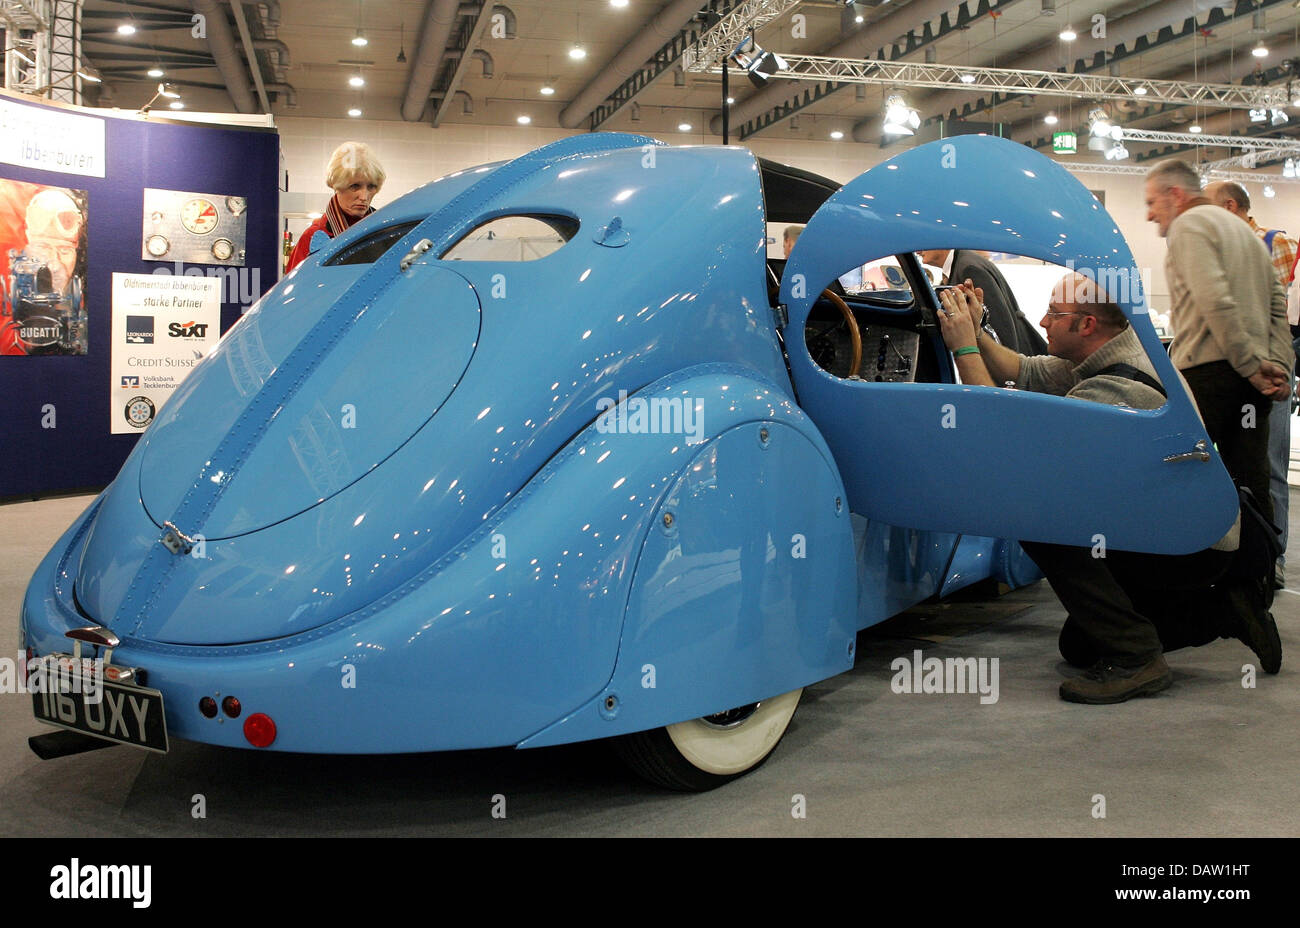 visitors of the classic motor show admire a babyblue bugatti t57